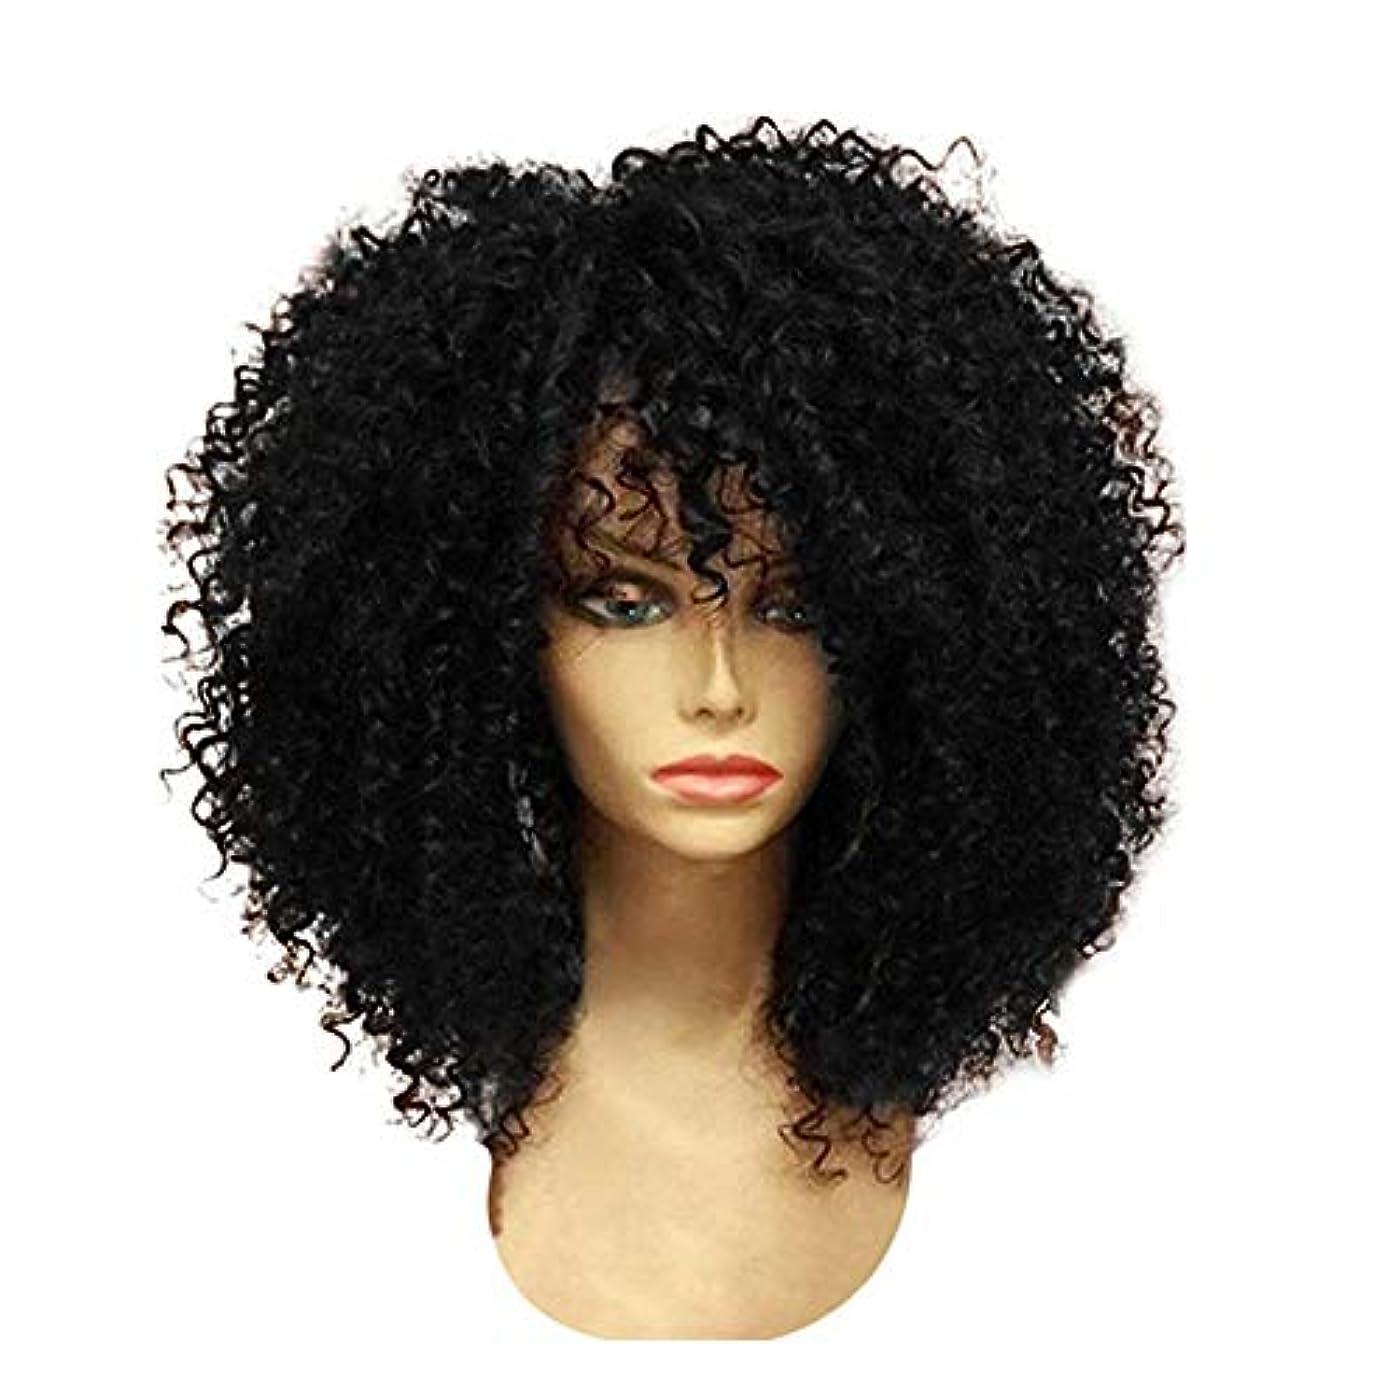 置くためにパック現金成分YOUQIU 前髪ウィッグ合成ブラックとブラウンかつらと女性ショートのクイック織り合成カーリーウィッグ (色 : 黒, サイズ : 15.7